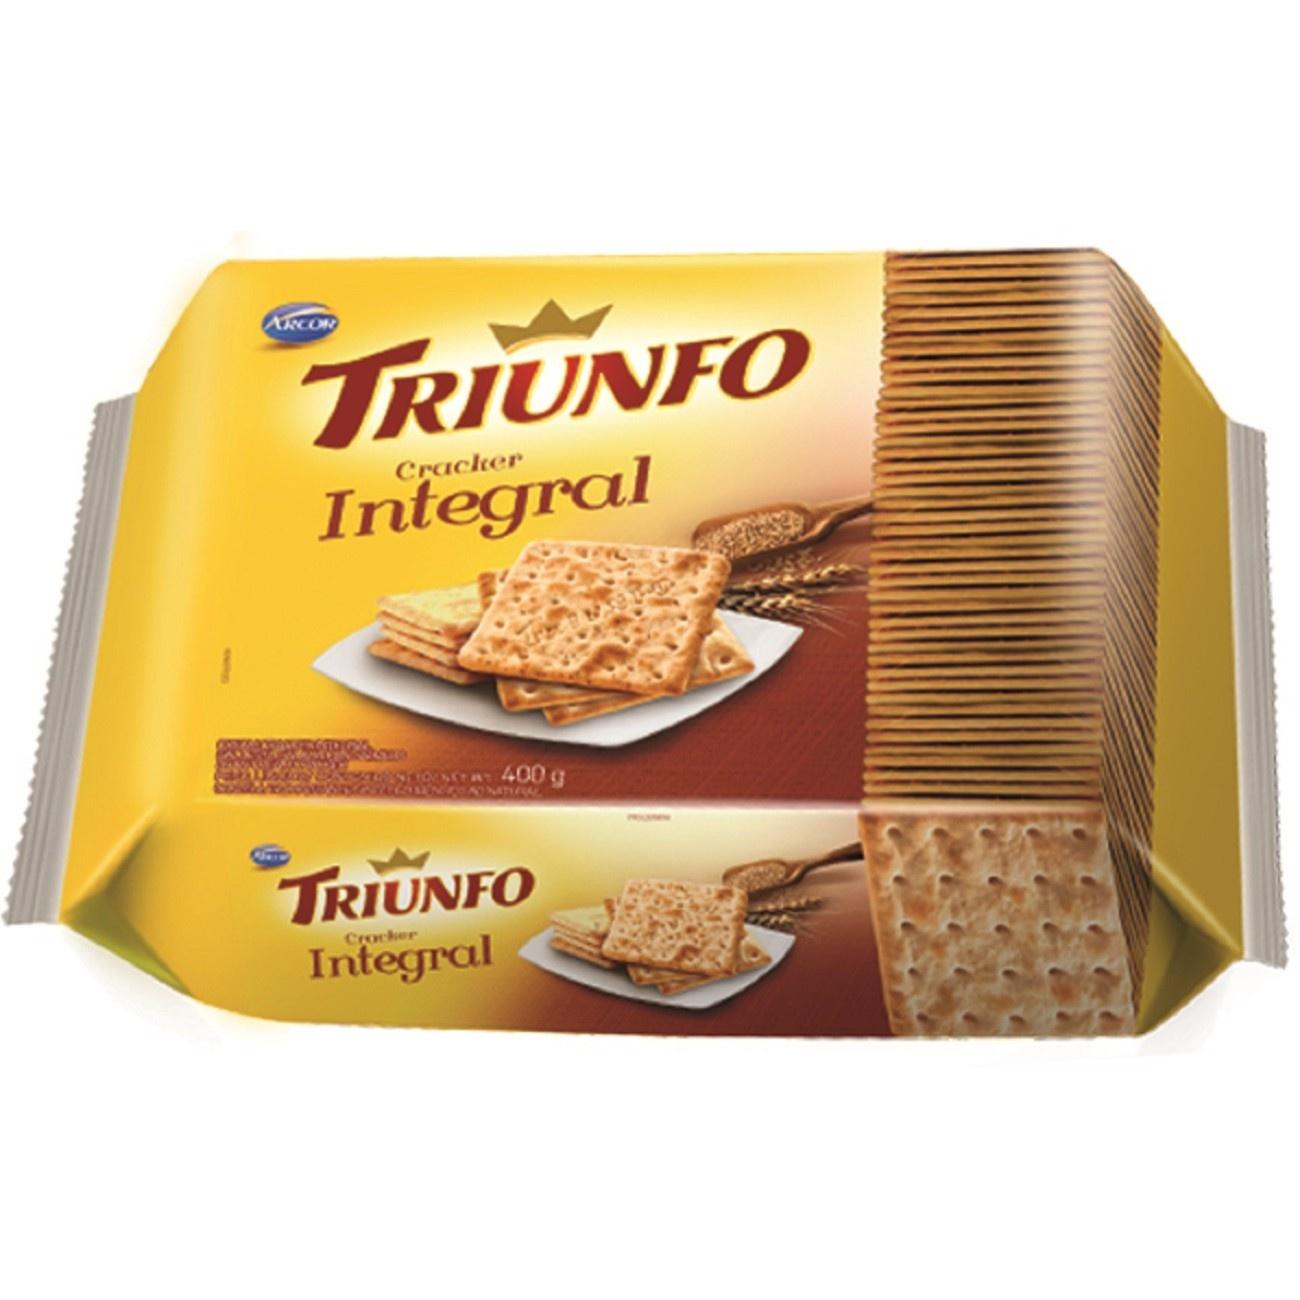 Biscoito Triunfo Cracker Integral 400g Multipack